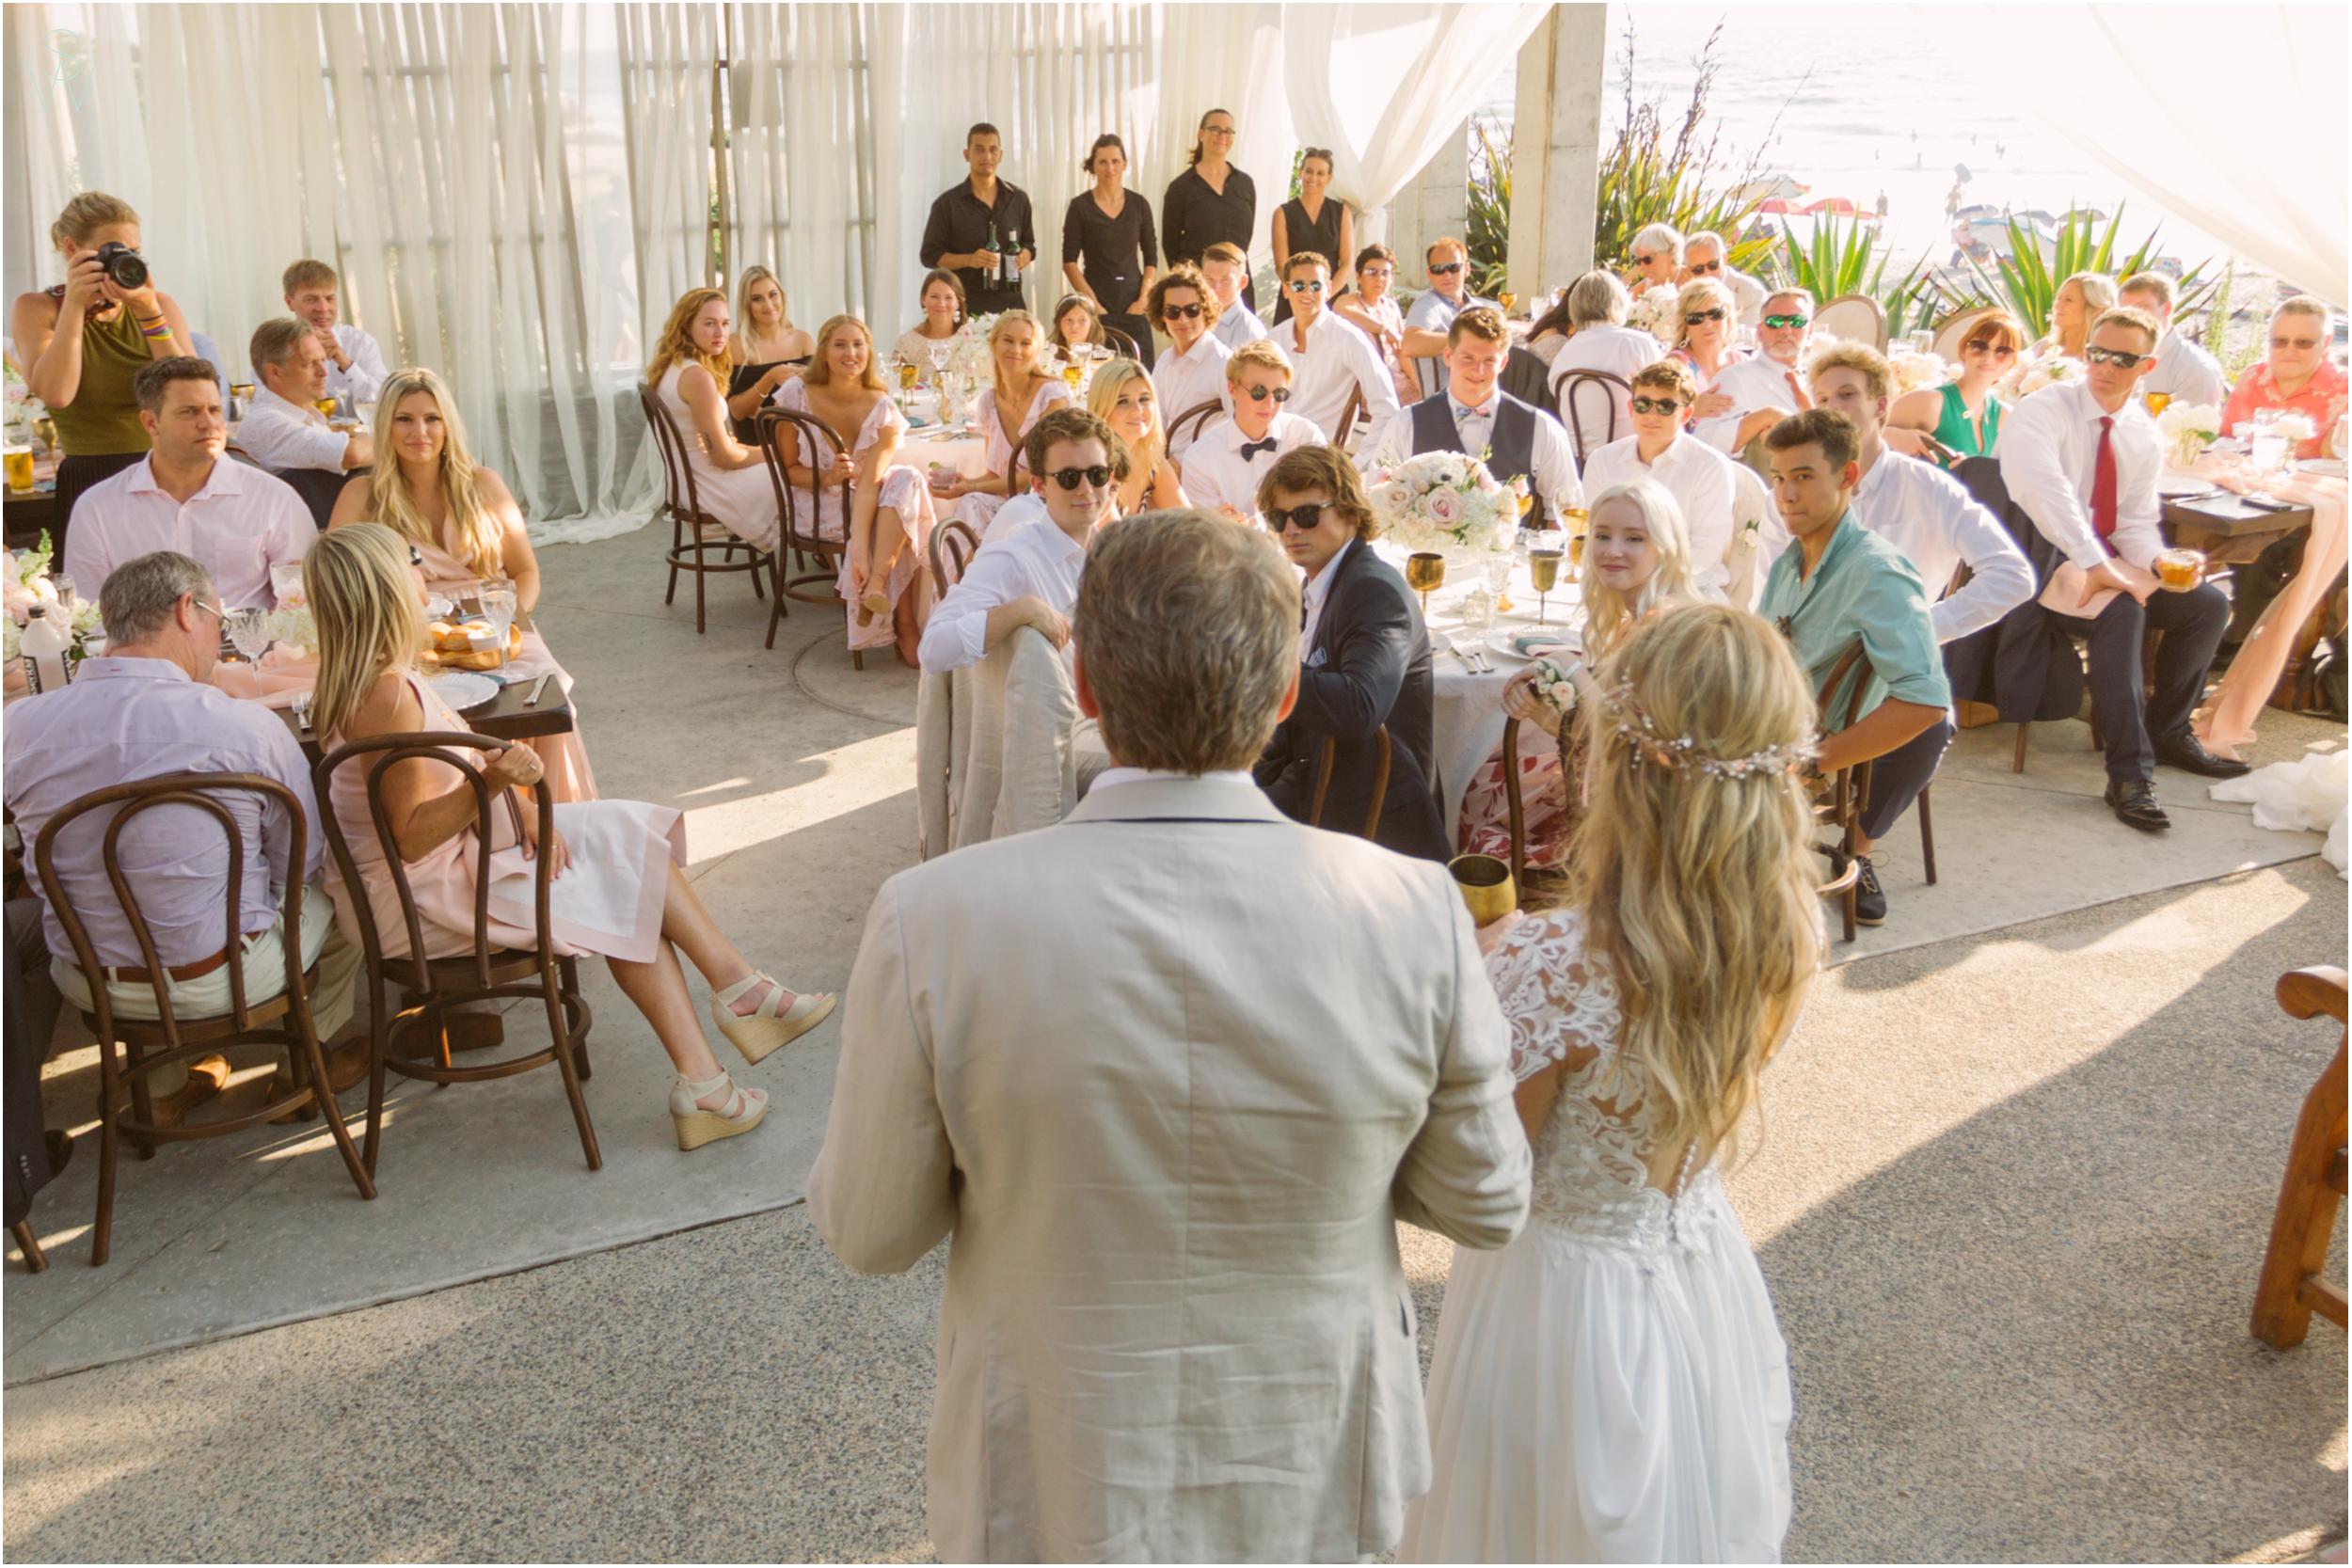 145DEL.MAR.WEDDINGS.weddingreceptionphotography.shewanders.JPG